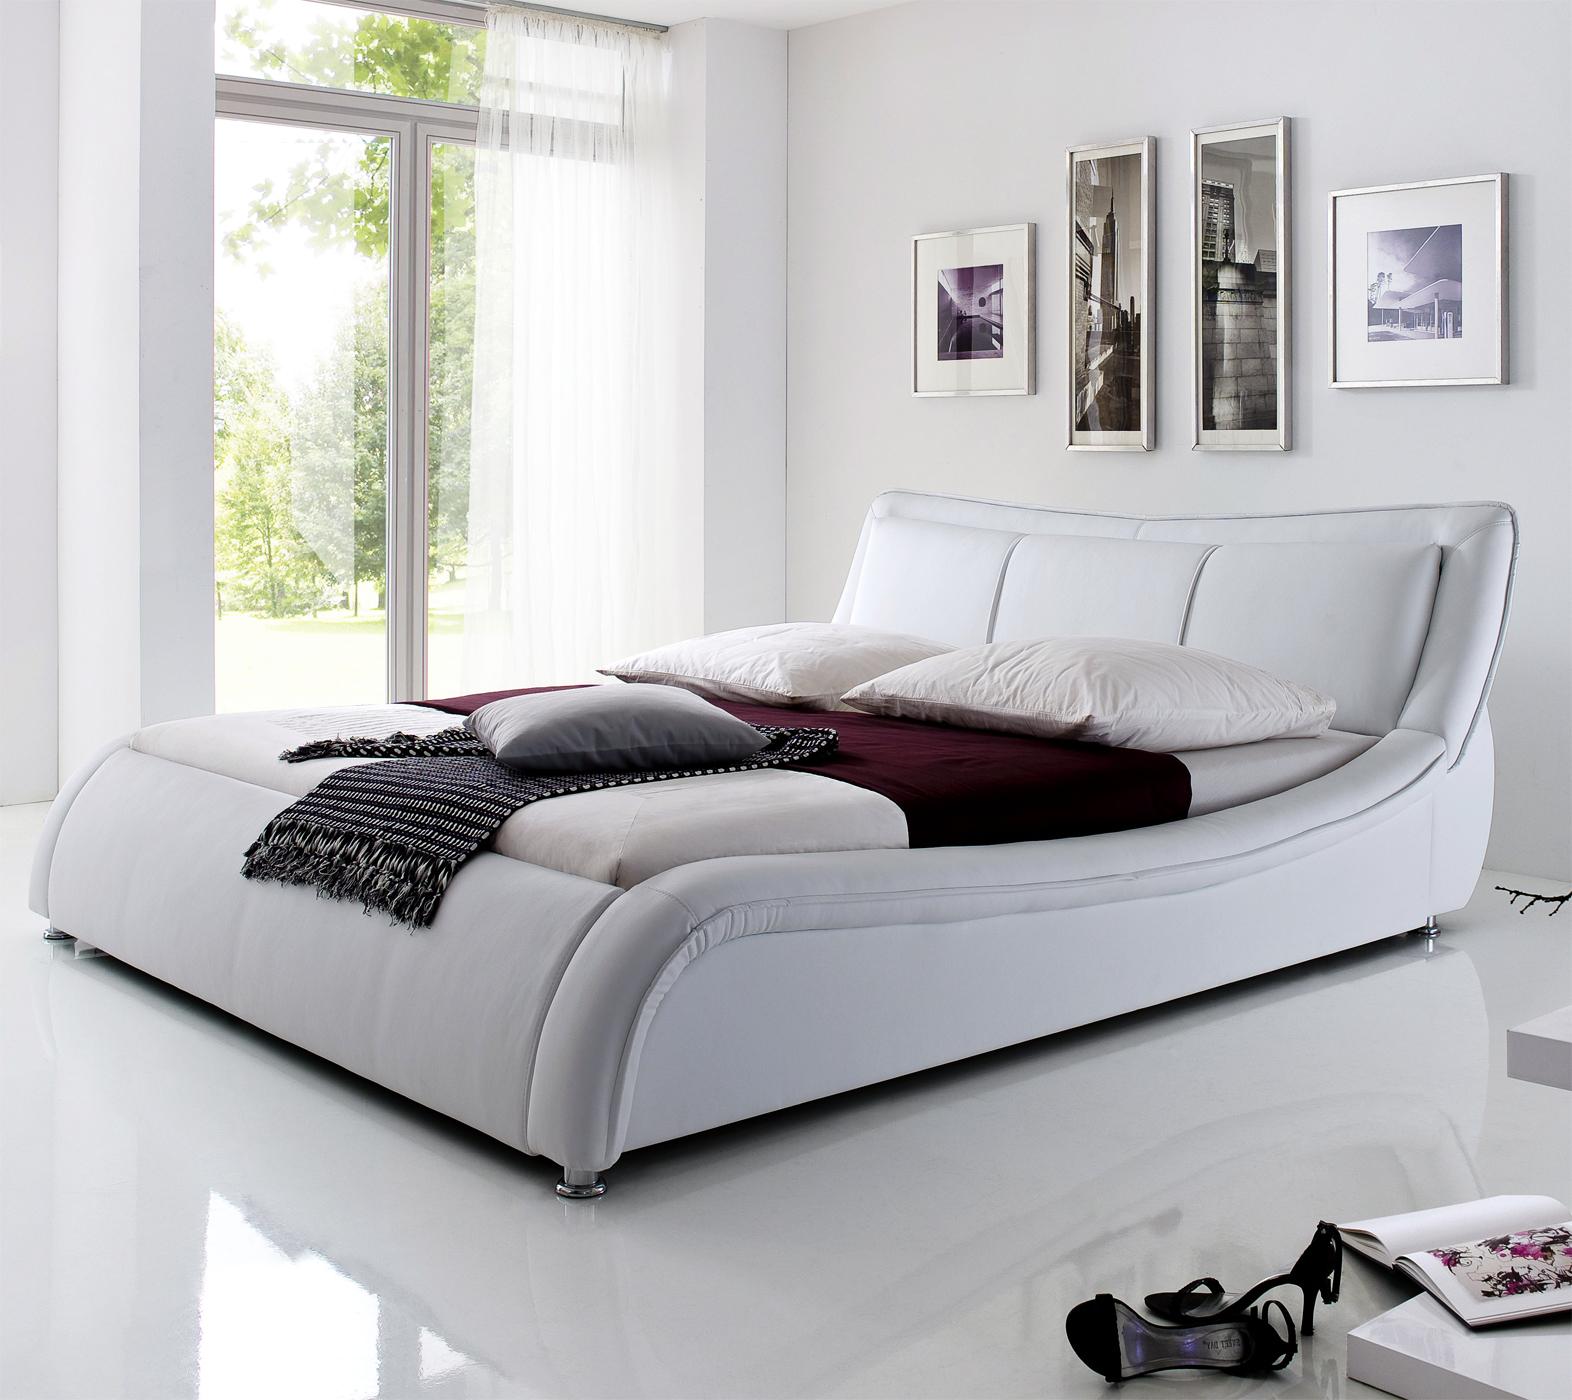 moderne dekoration schlafzimmer betten zeigen zimmer die. Black Bedroom Furniture Sets. Home Design Ideas